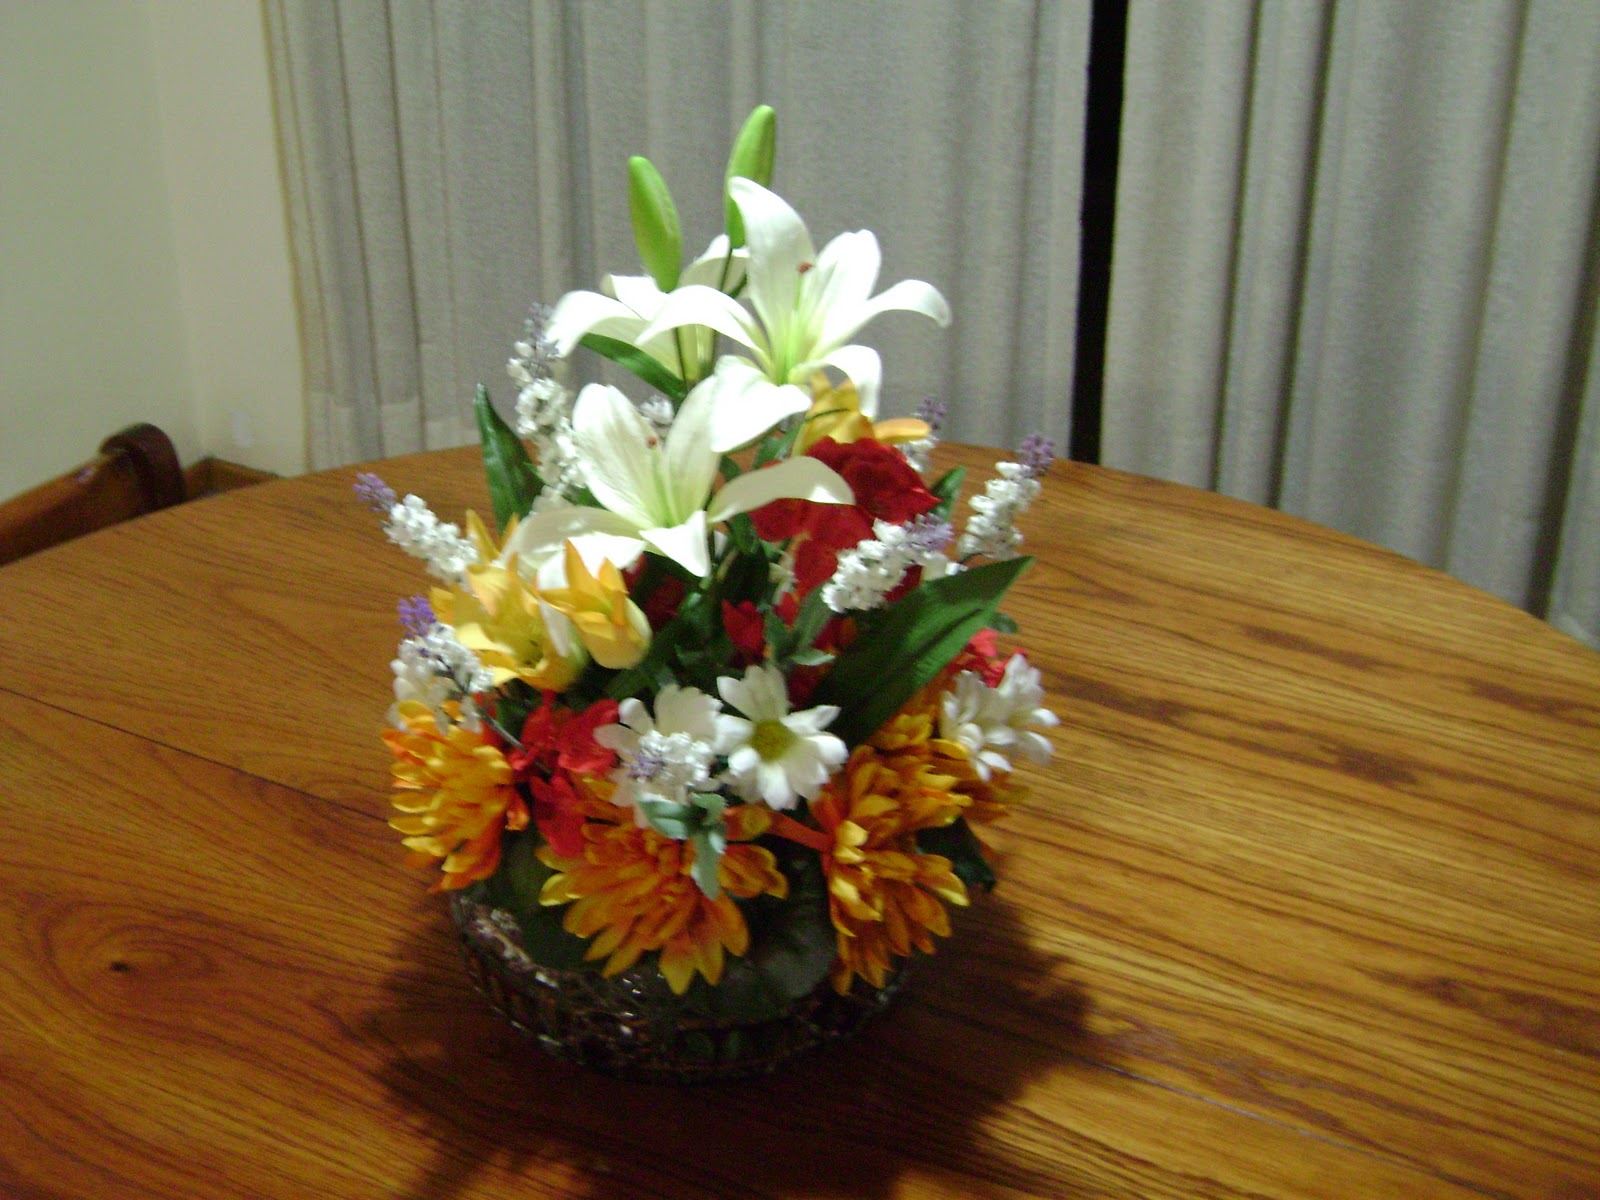 arreglos florales para mesas artificiales imagui On centros de mesa artificiales